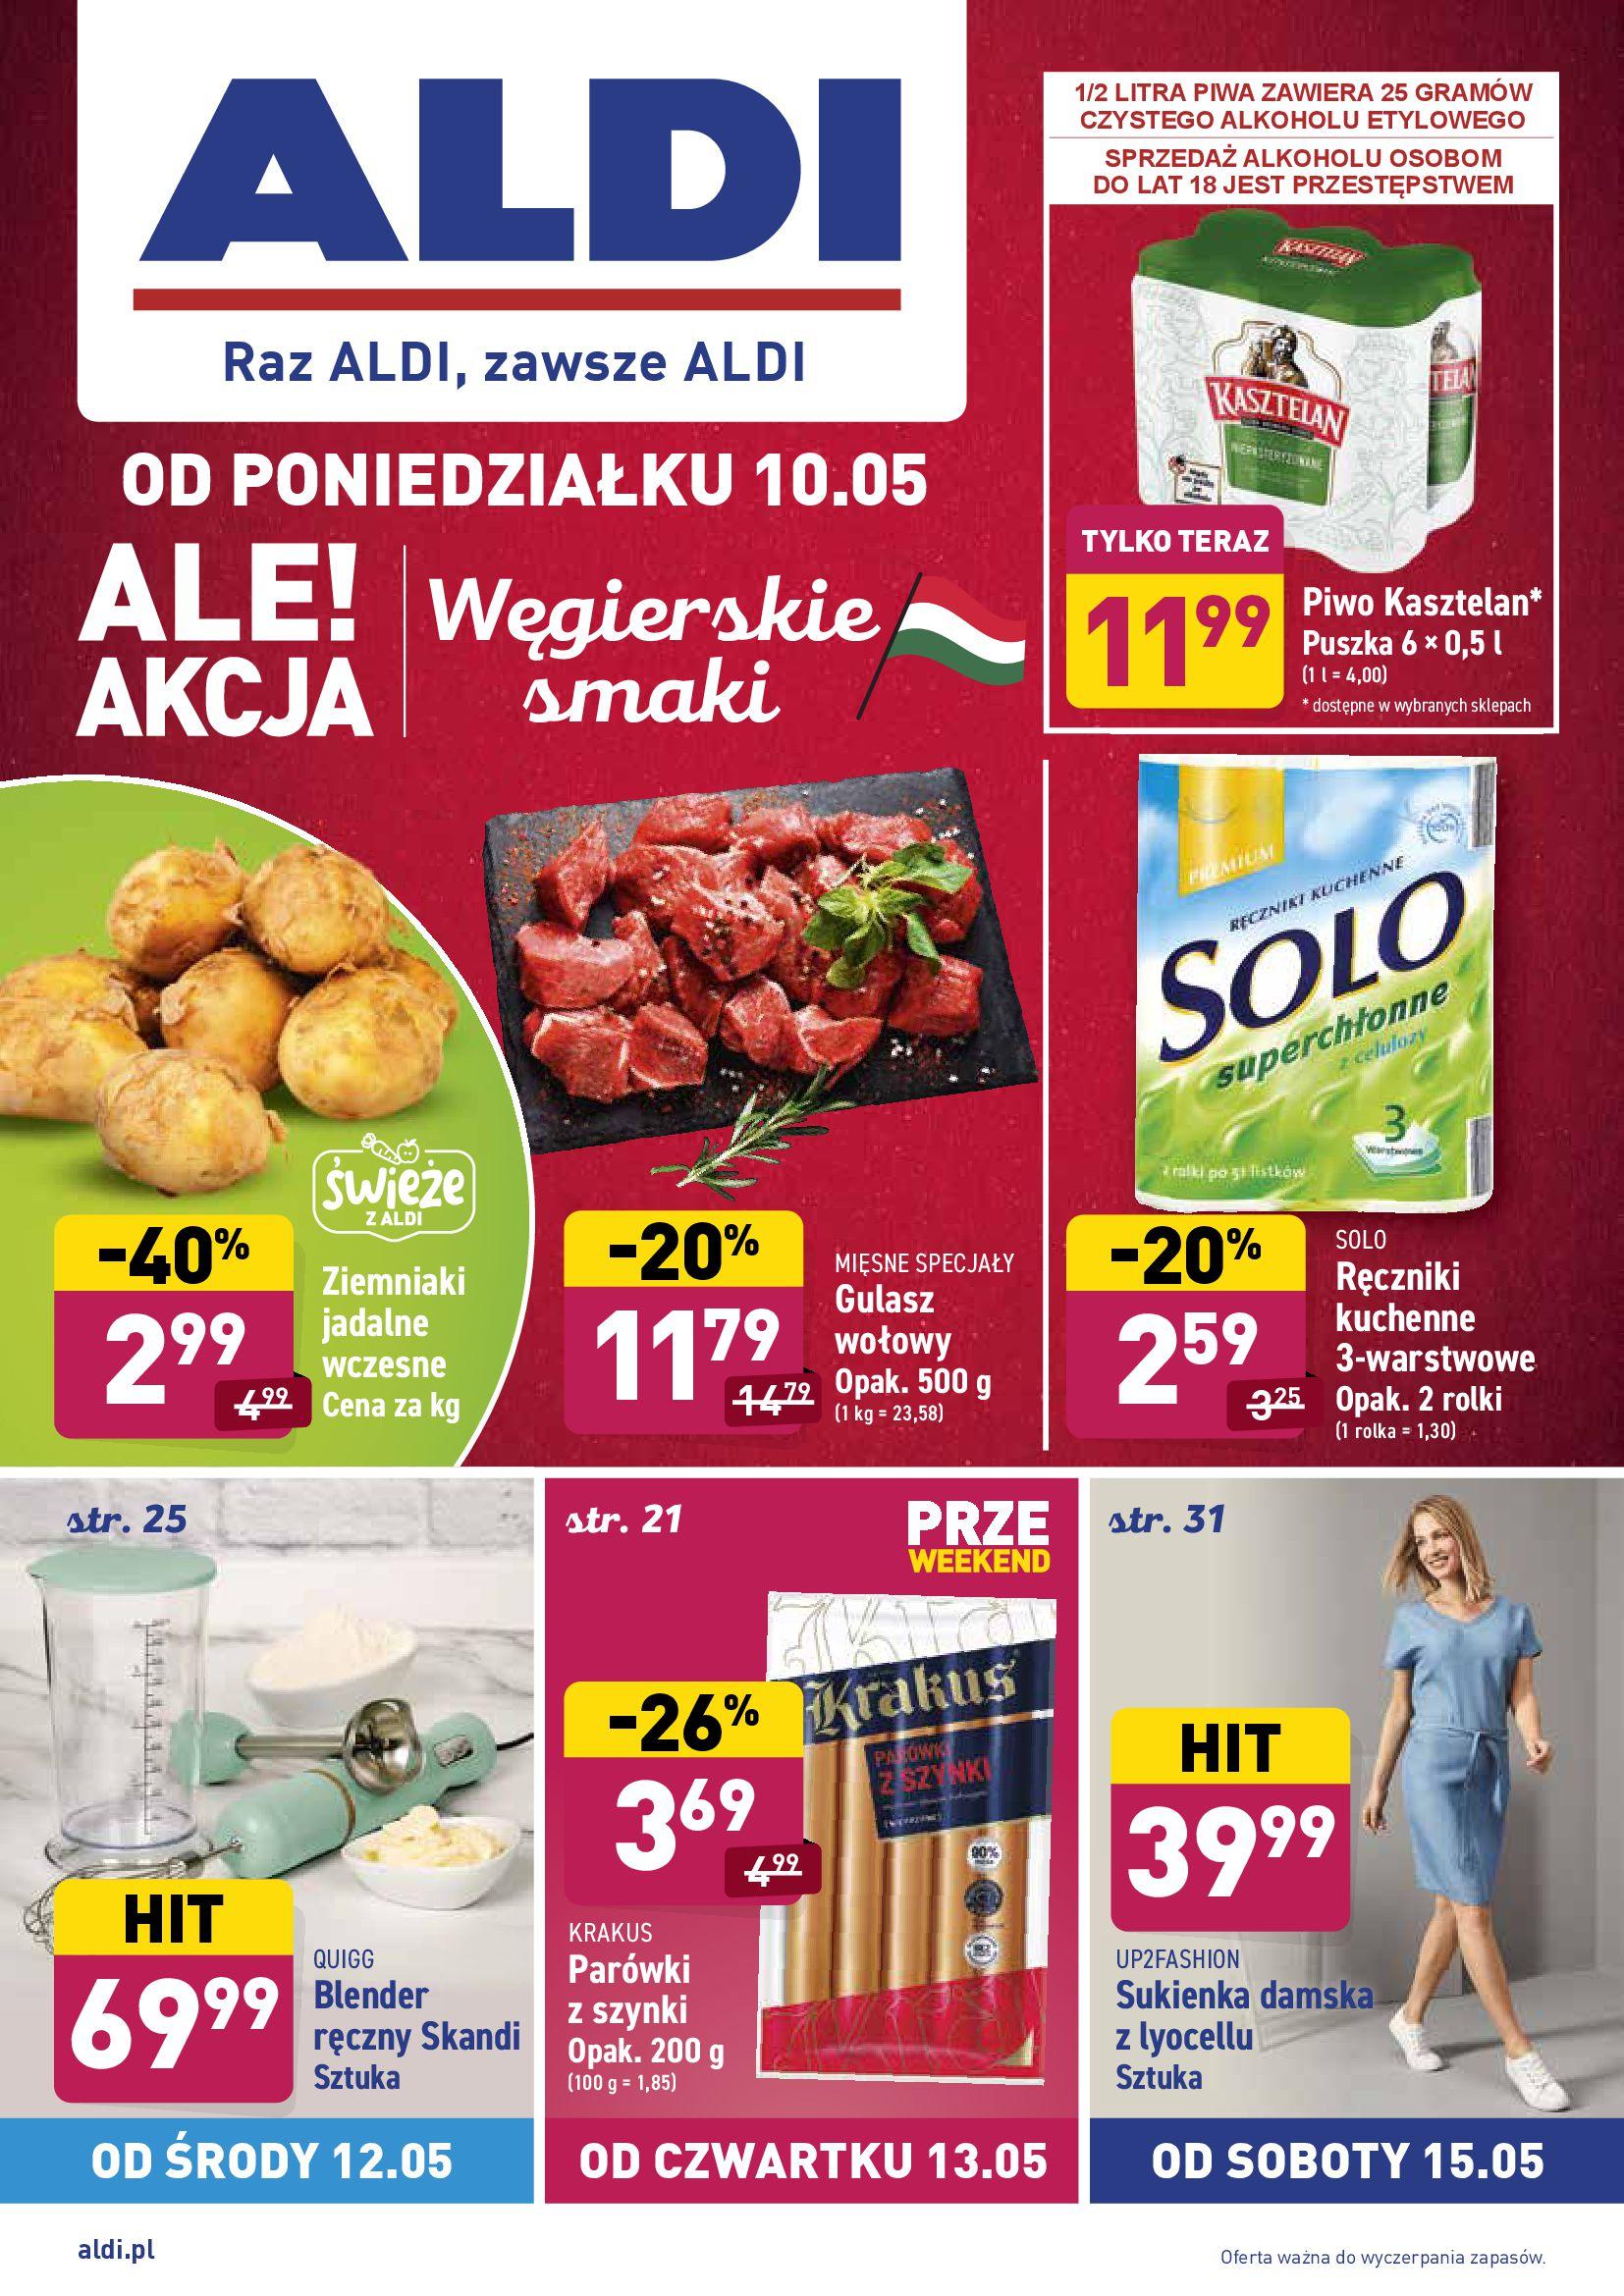 Gazetka Aldi: Gazetka Aldi - węgierskie smaki 2021-05-10